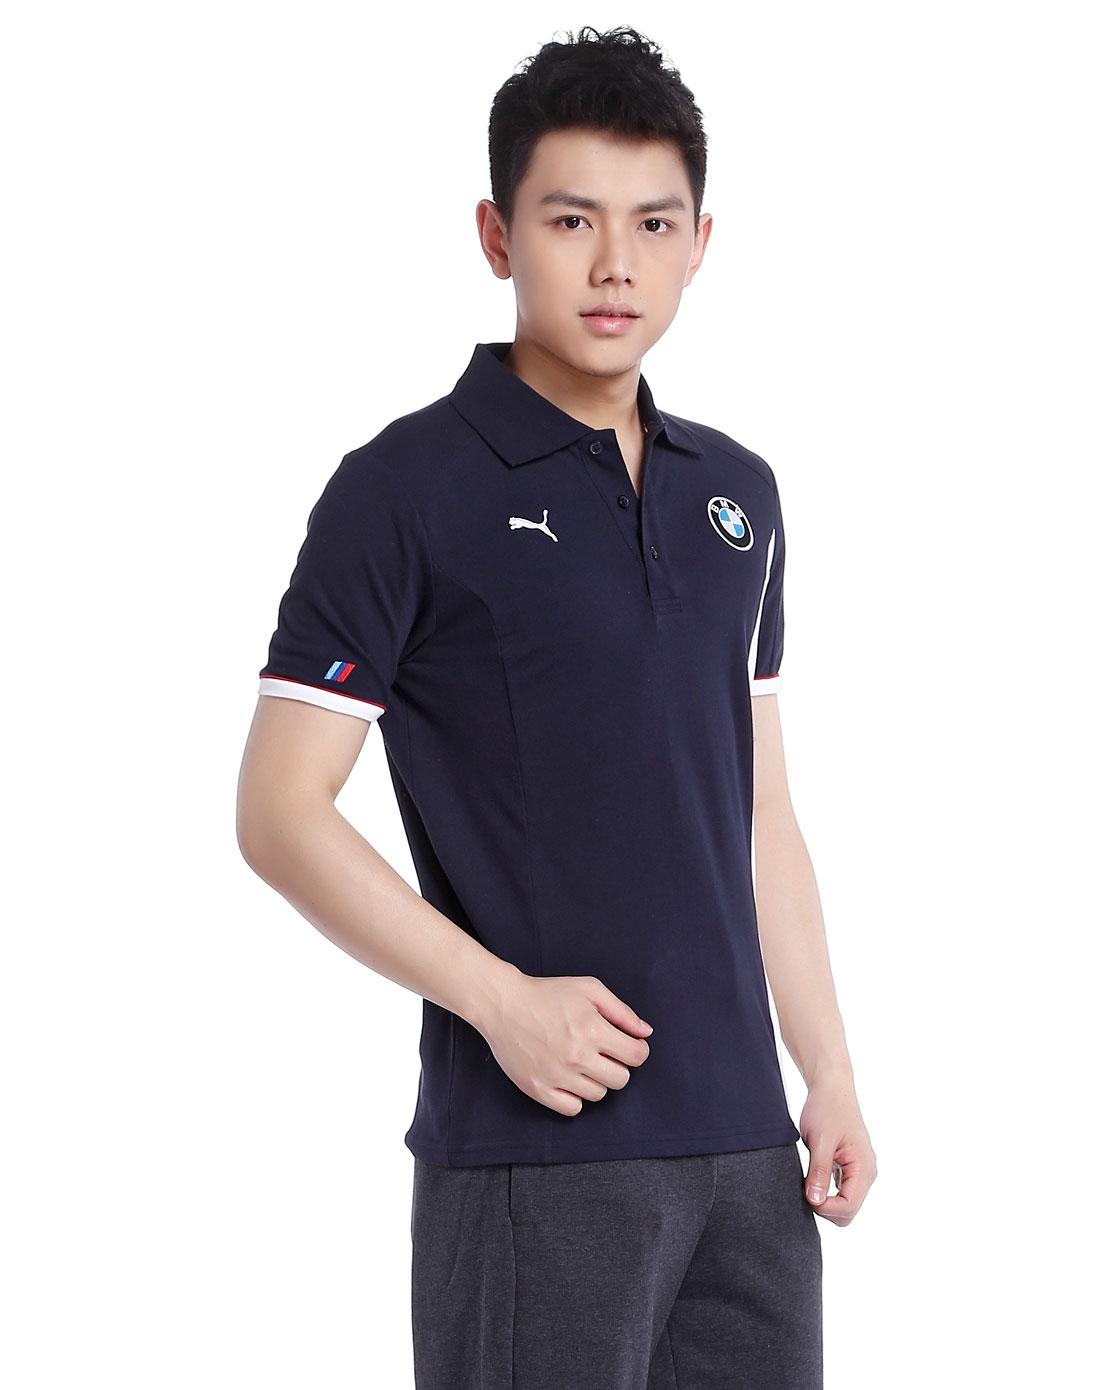 男款宝马赛车系列蓝色短袖t恤